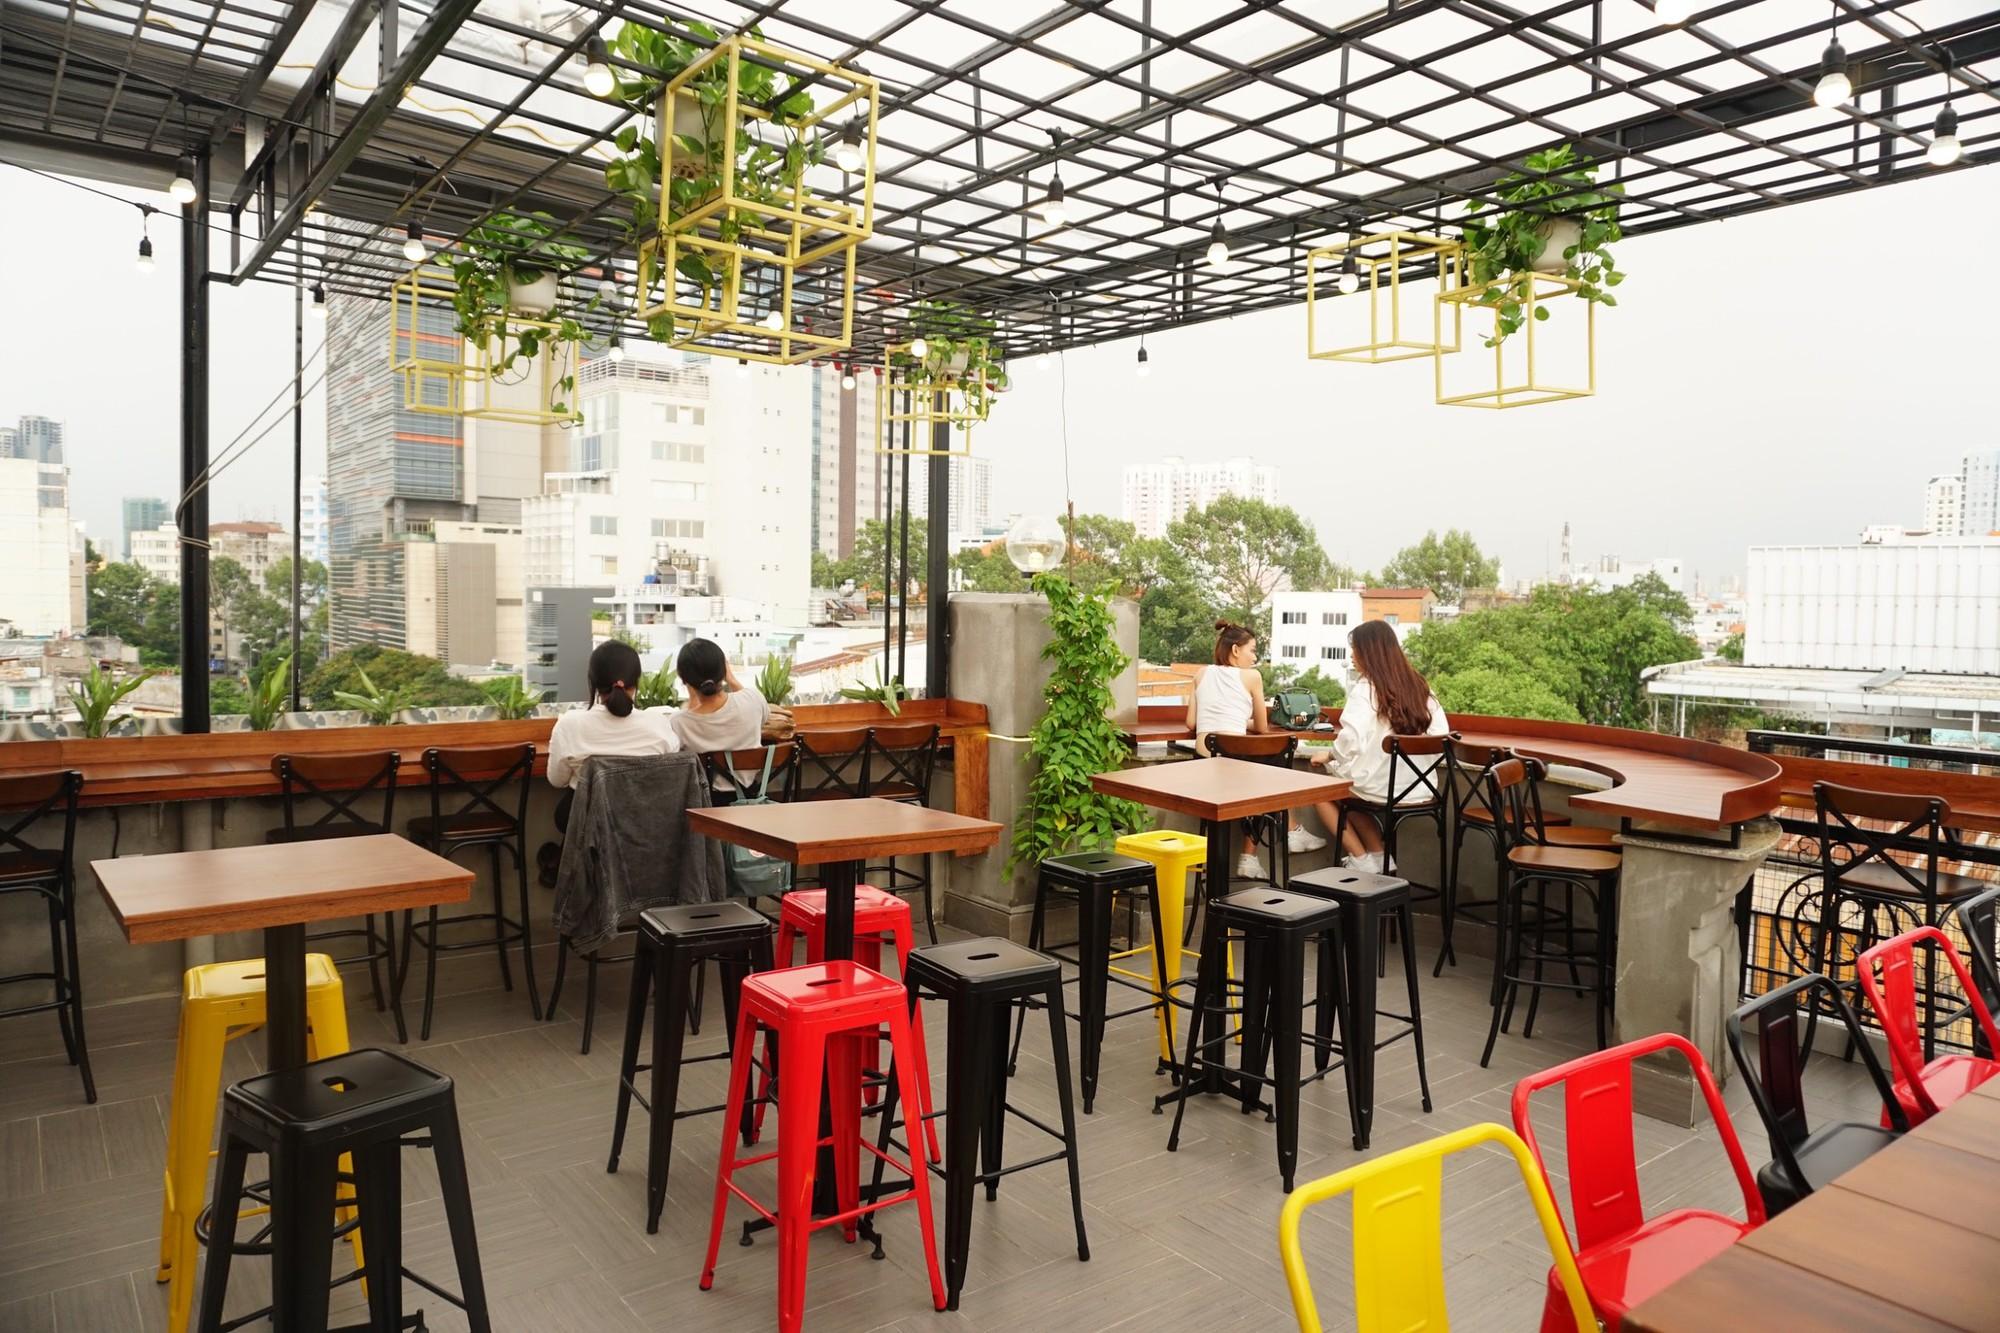 Cả thế giới thu bé lại vừa bằng một quán cà phê rooftop ngay giữa trung tâm Sài Gòn - Ảnh 5.